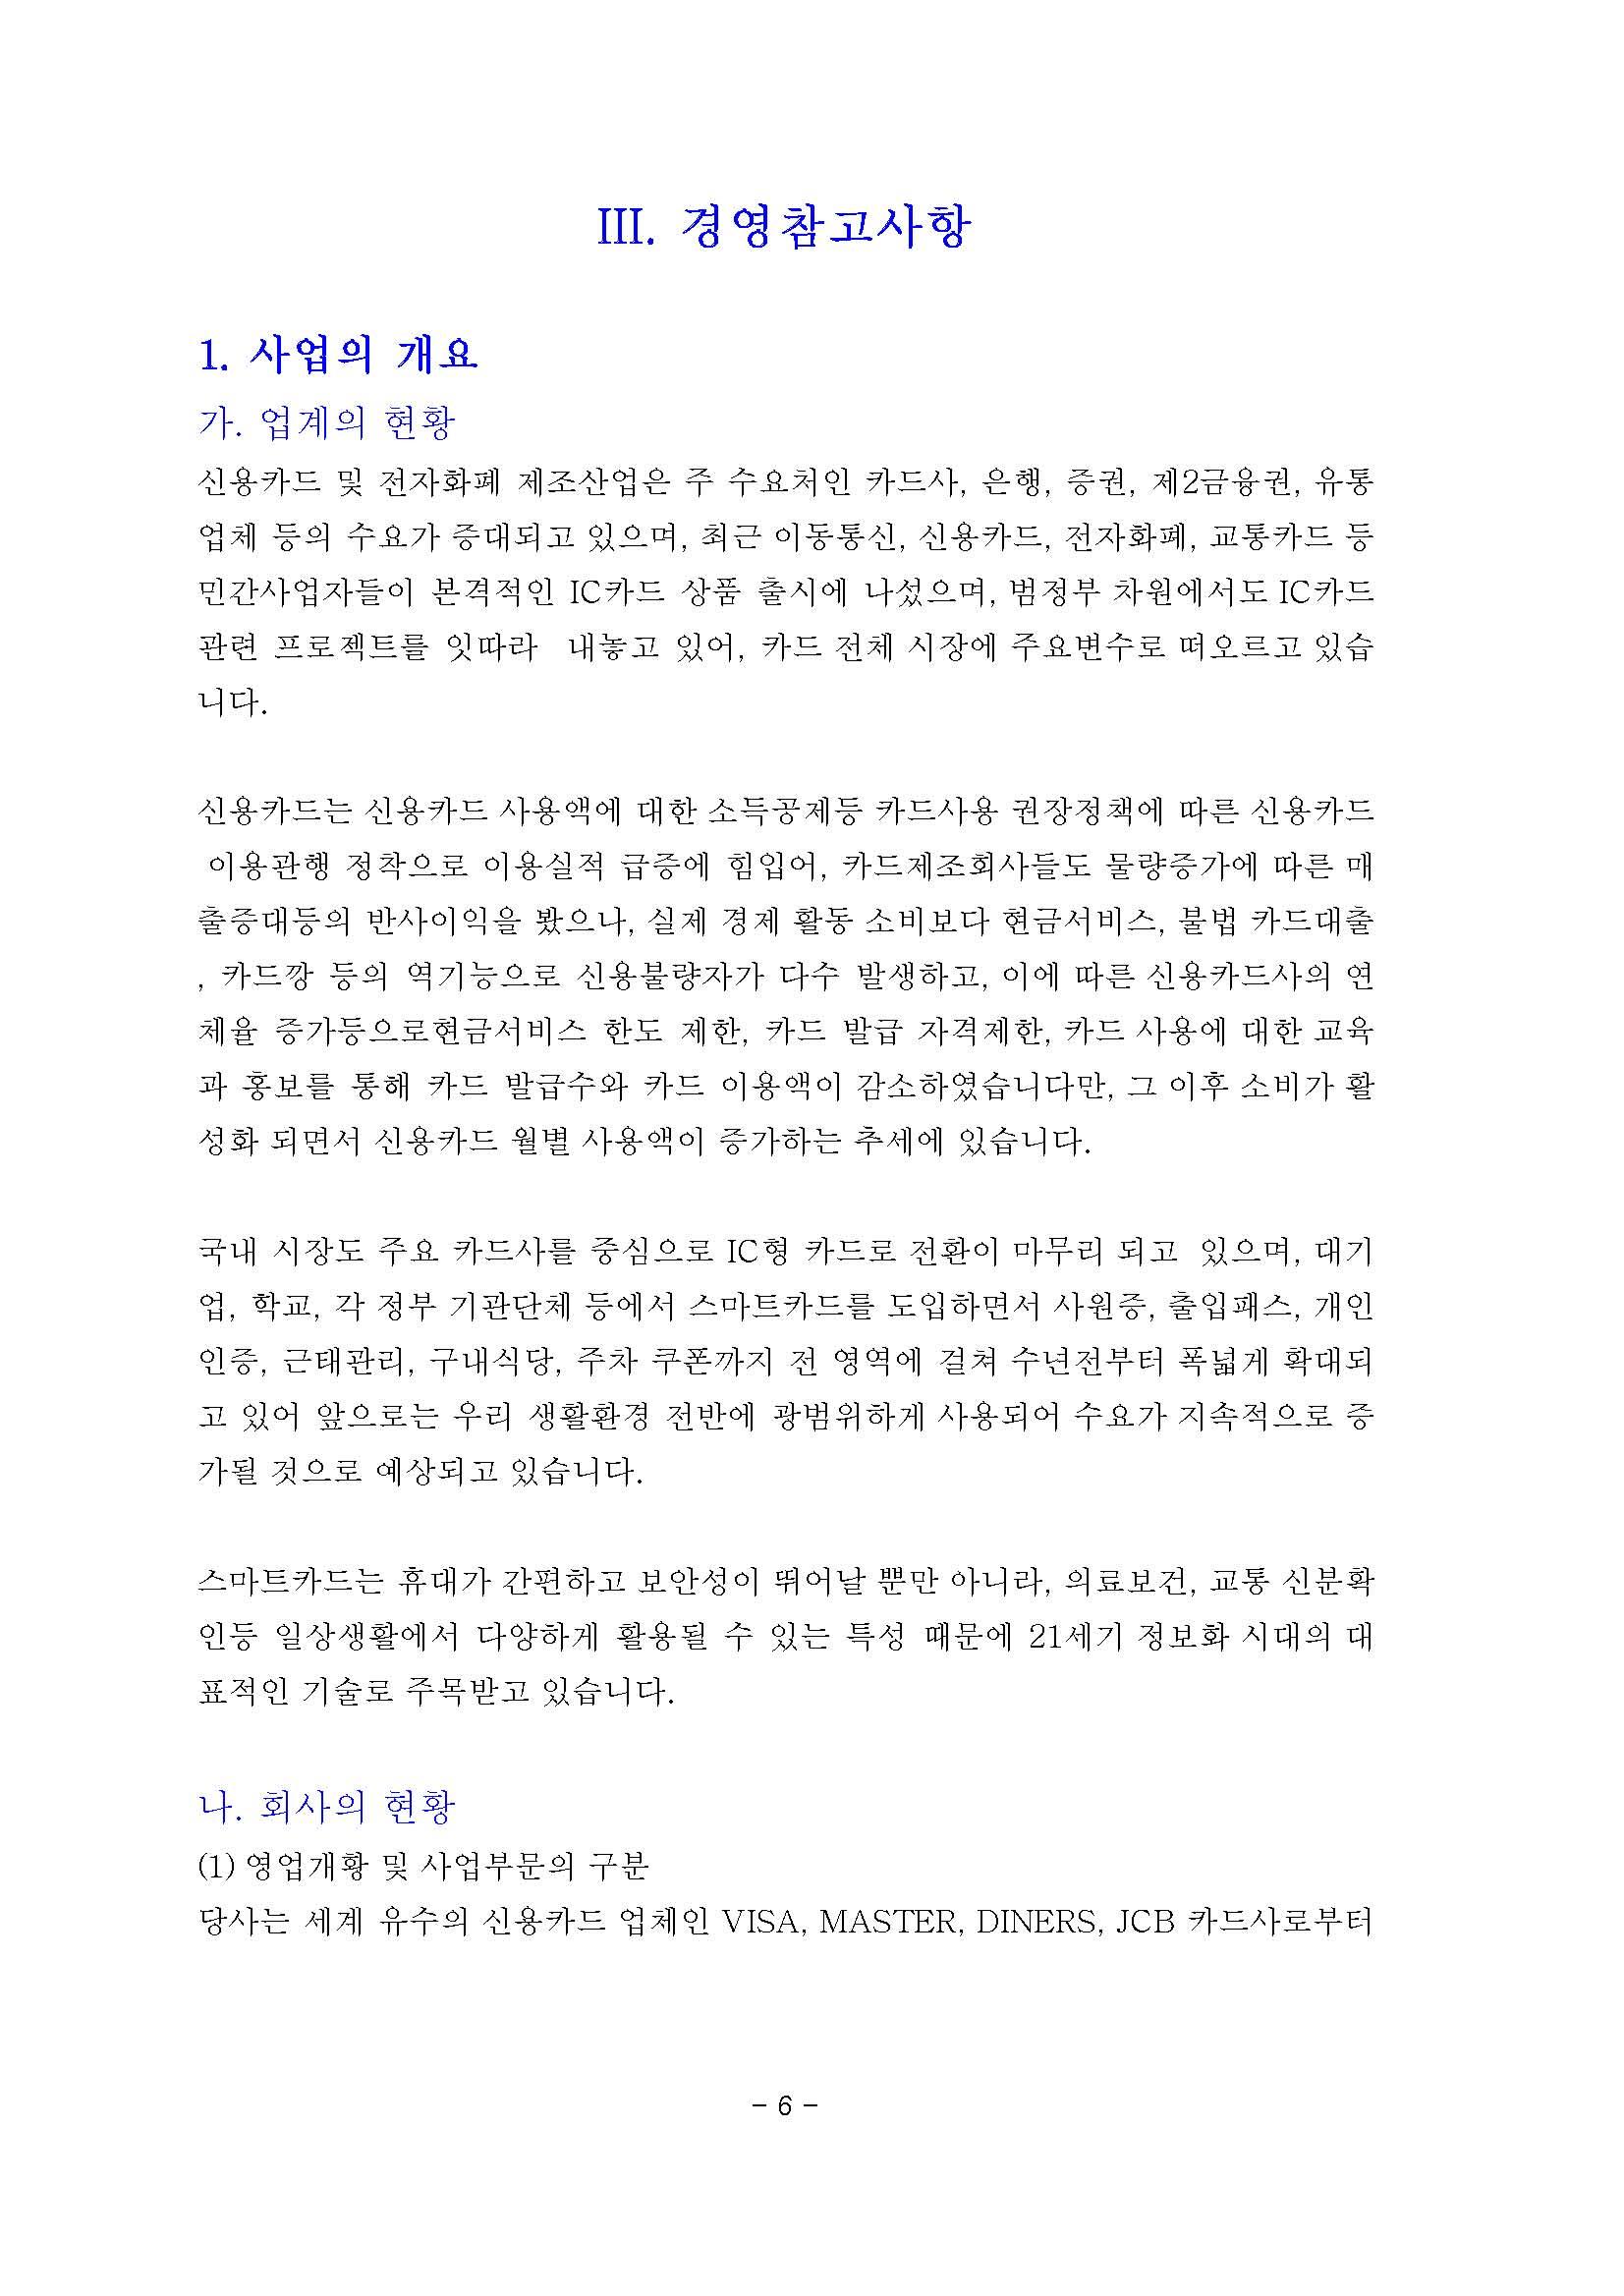 20180309 주주총회소집공고-바이오스마트_페이지_07.jpg